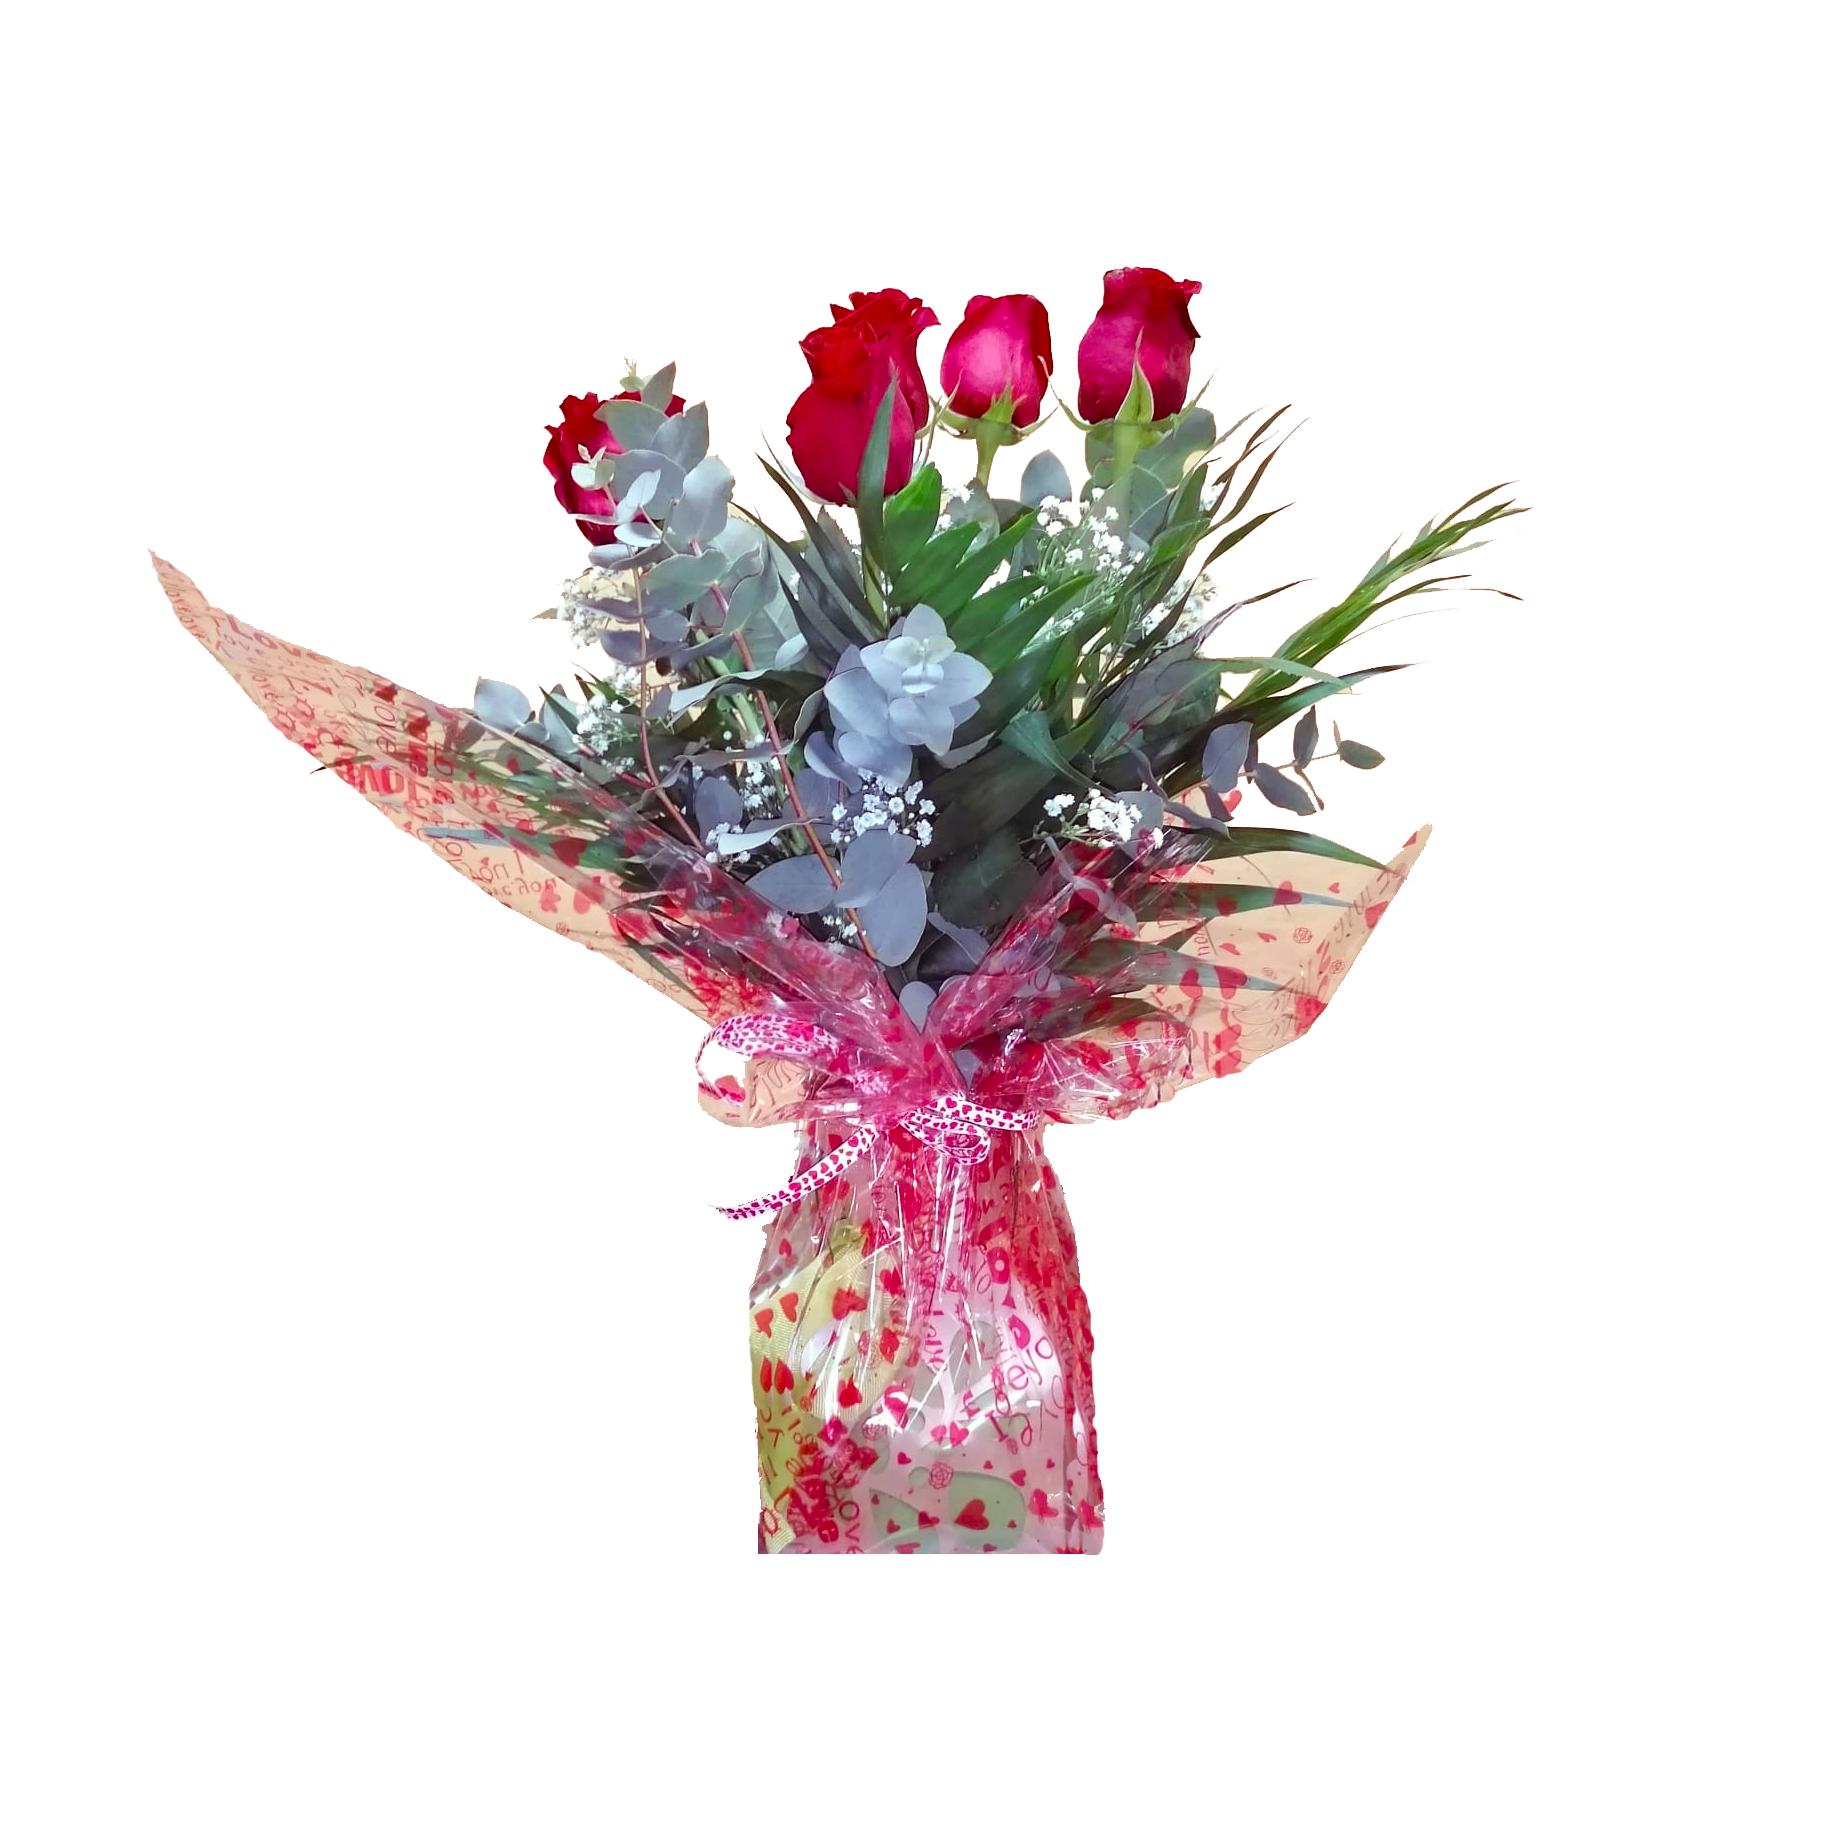 Jarron con flores modelo 02 – Web